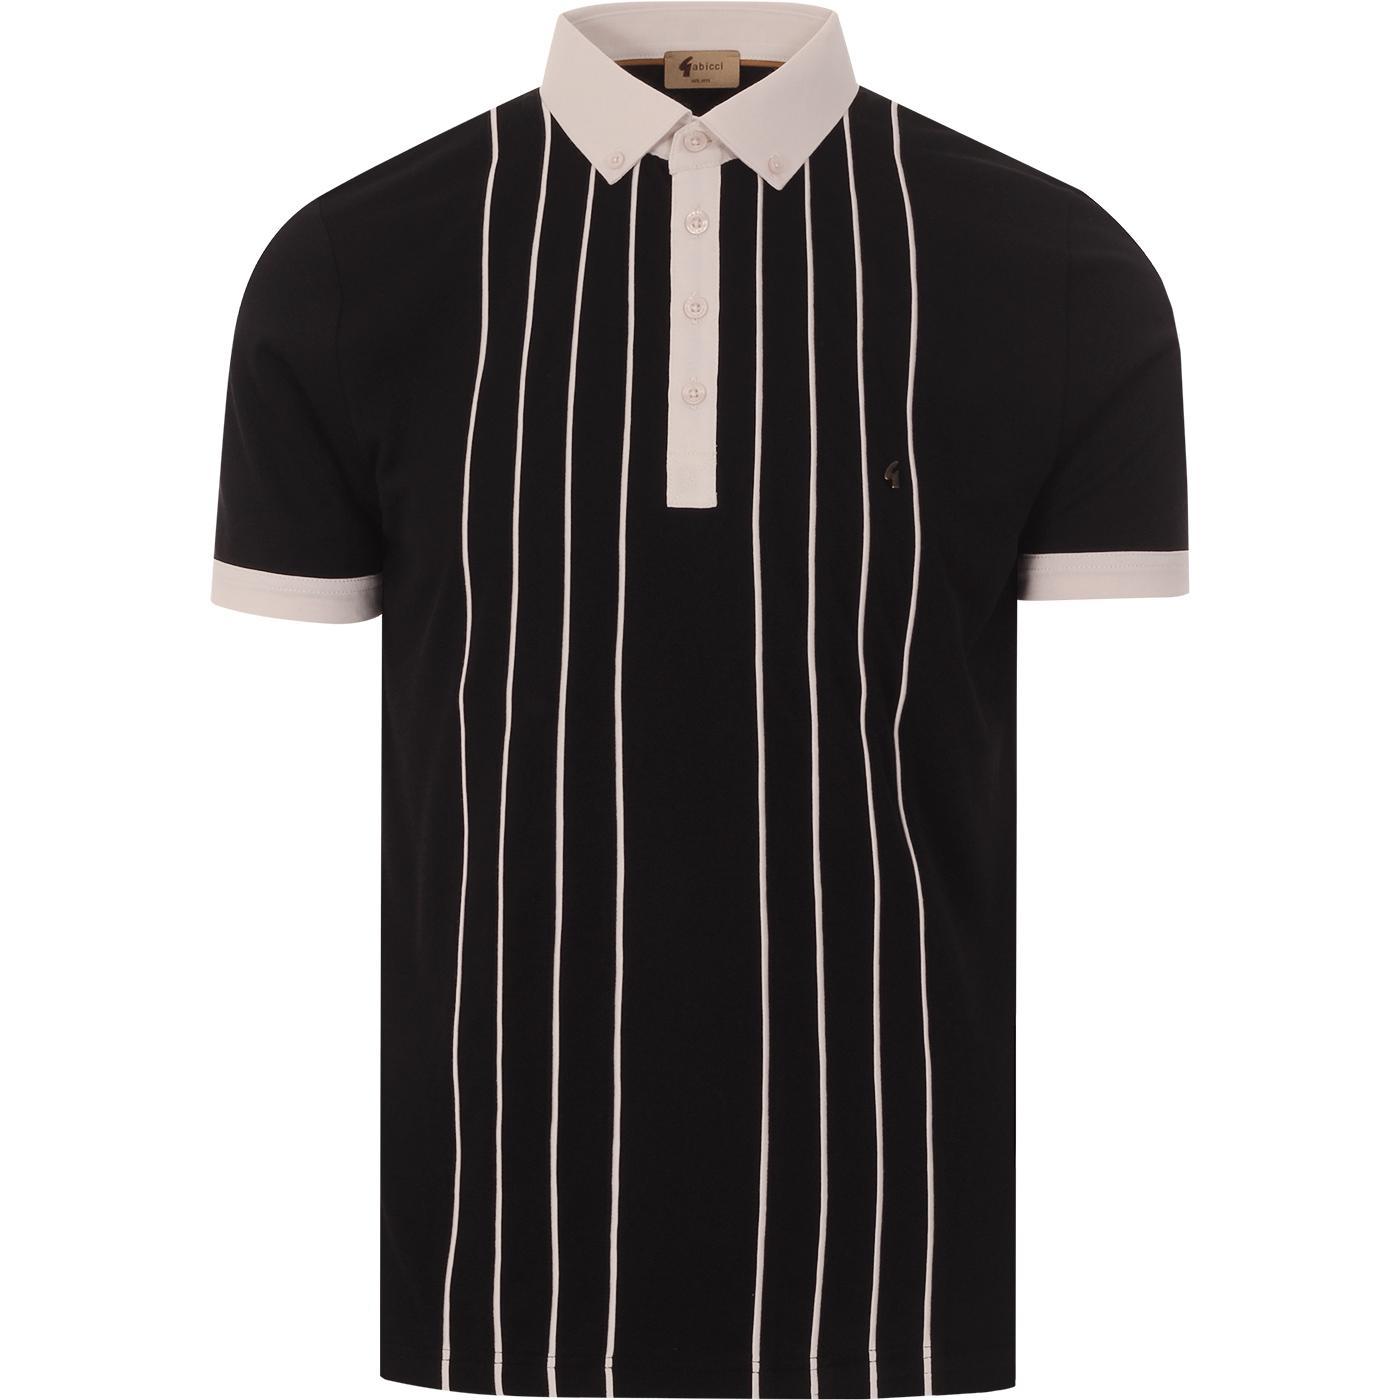 Piper GABICCI VINTAGE Mod Stripe Jersey Polo BLACK